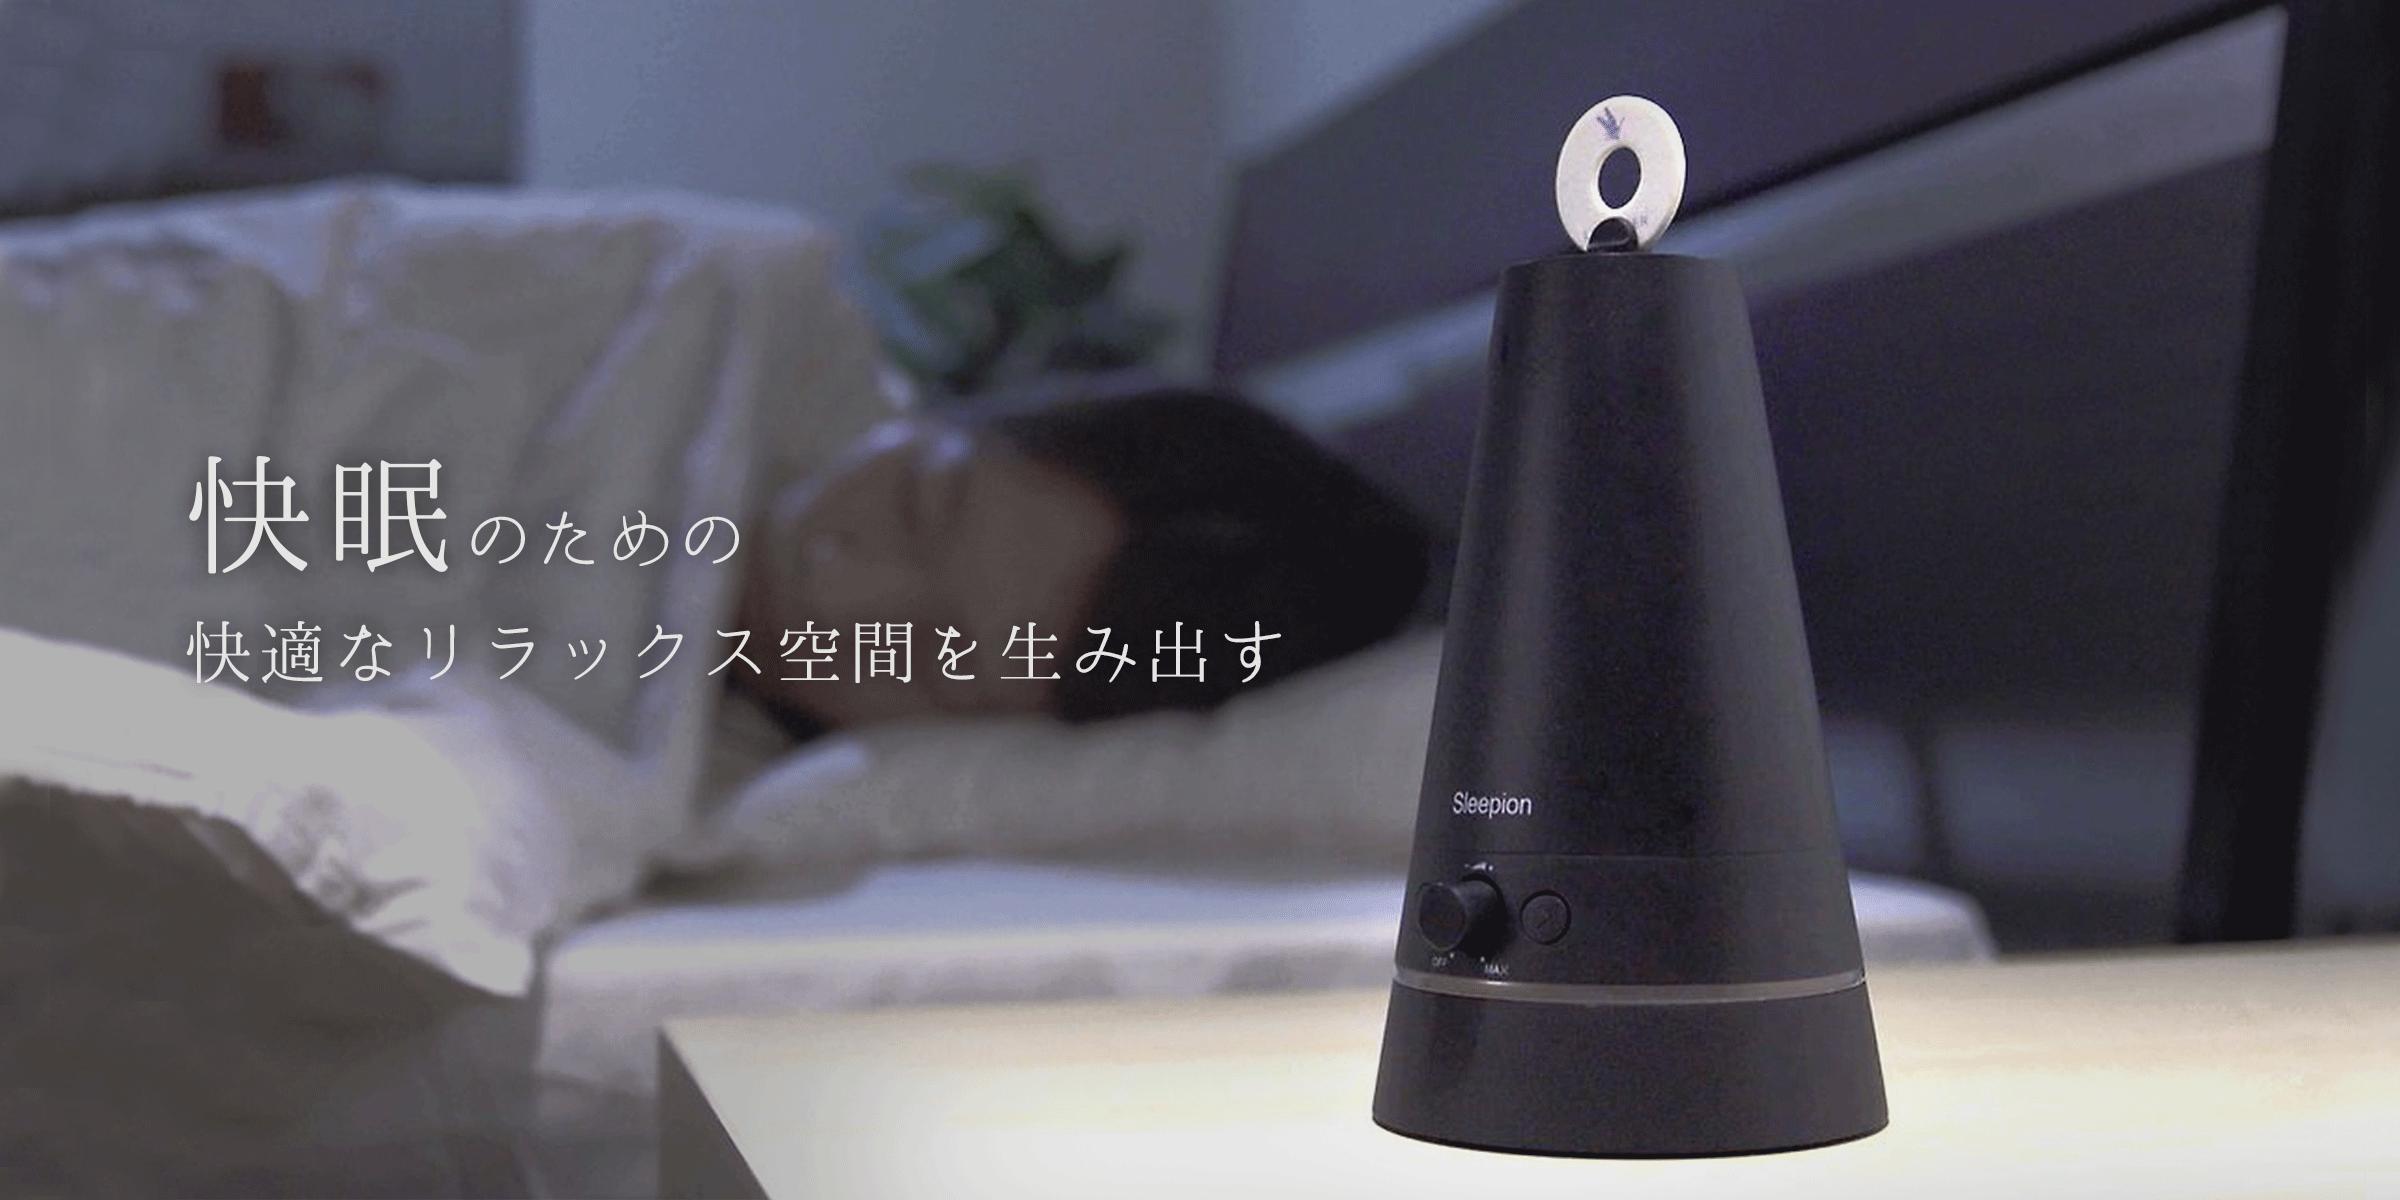 sleepion3 快眠 目覚まし 睡眠 リラックス 睡眠障害 深い眠り